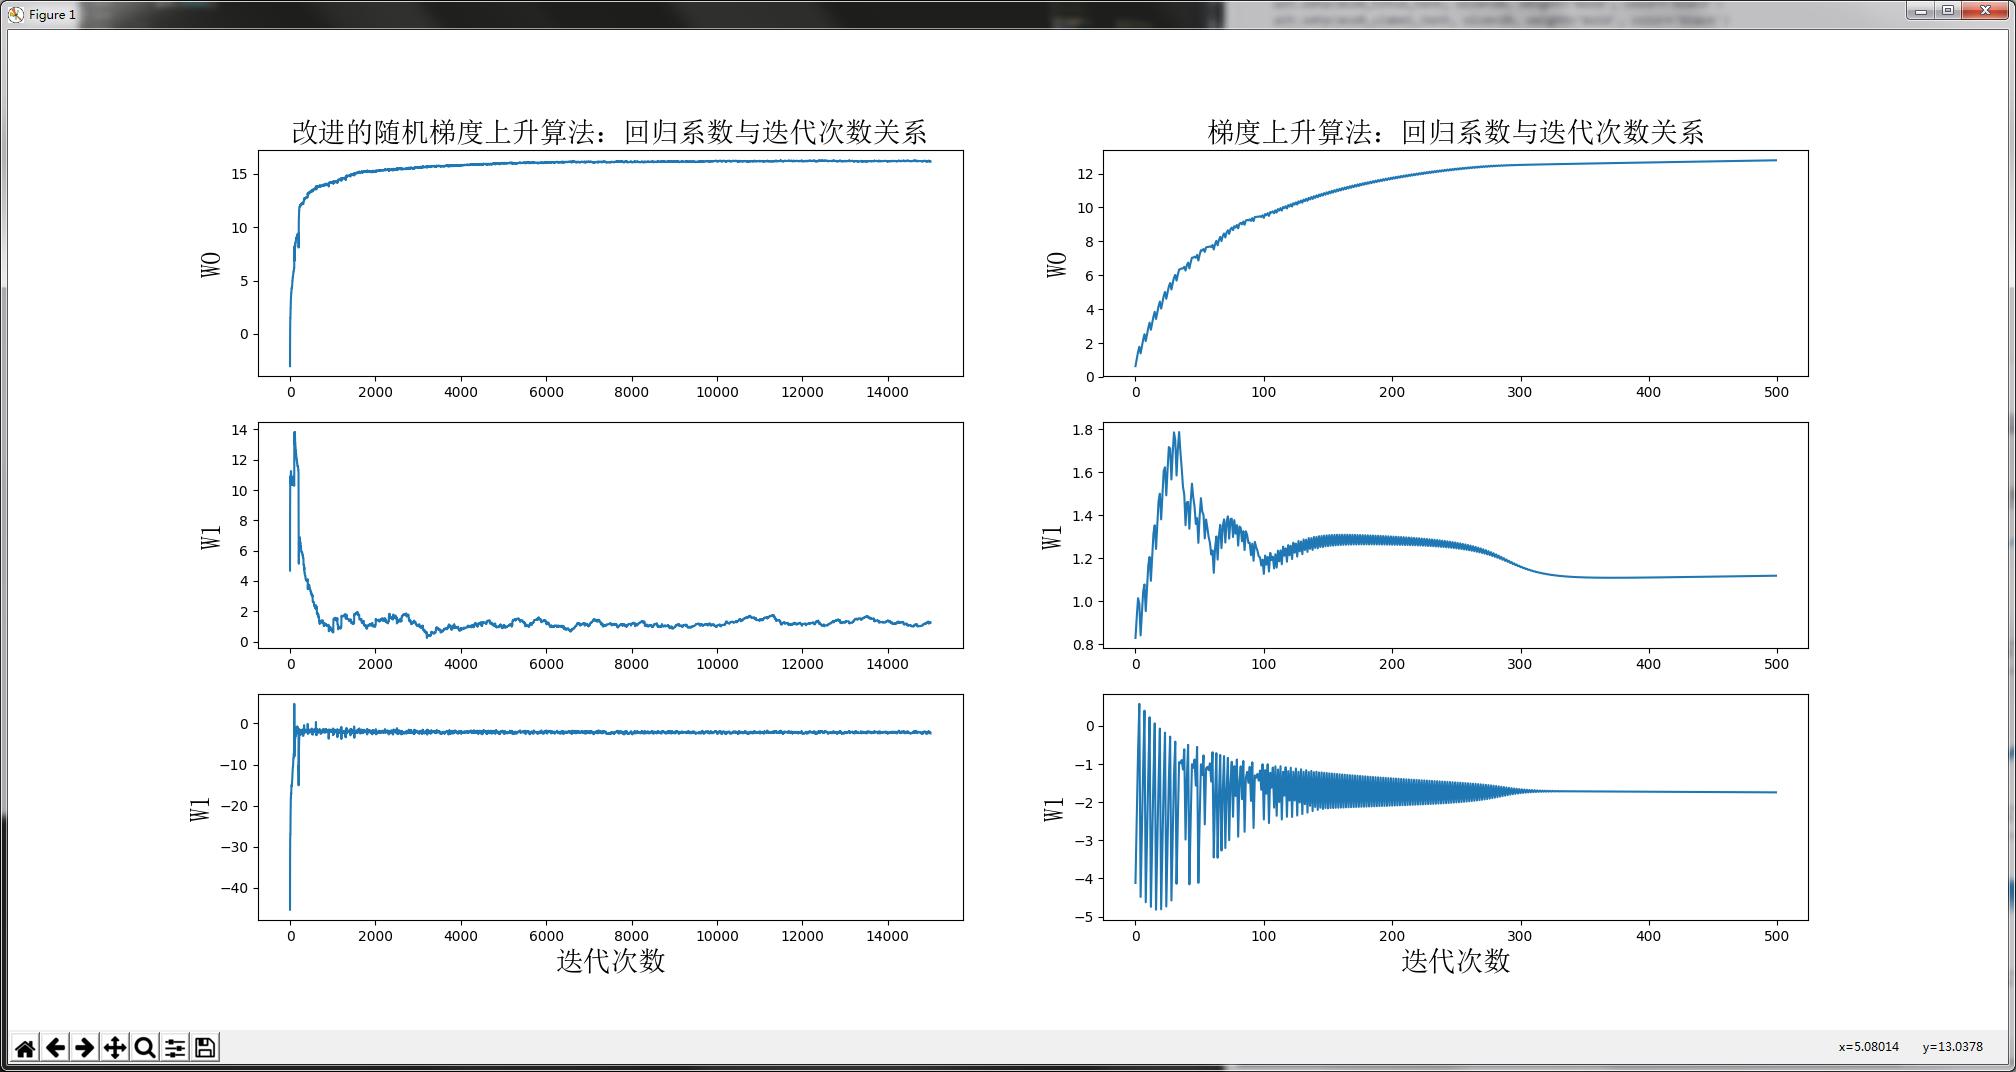 机器学习实战教程(七):Logistic回归实战篇之预测病马死亡率